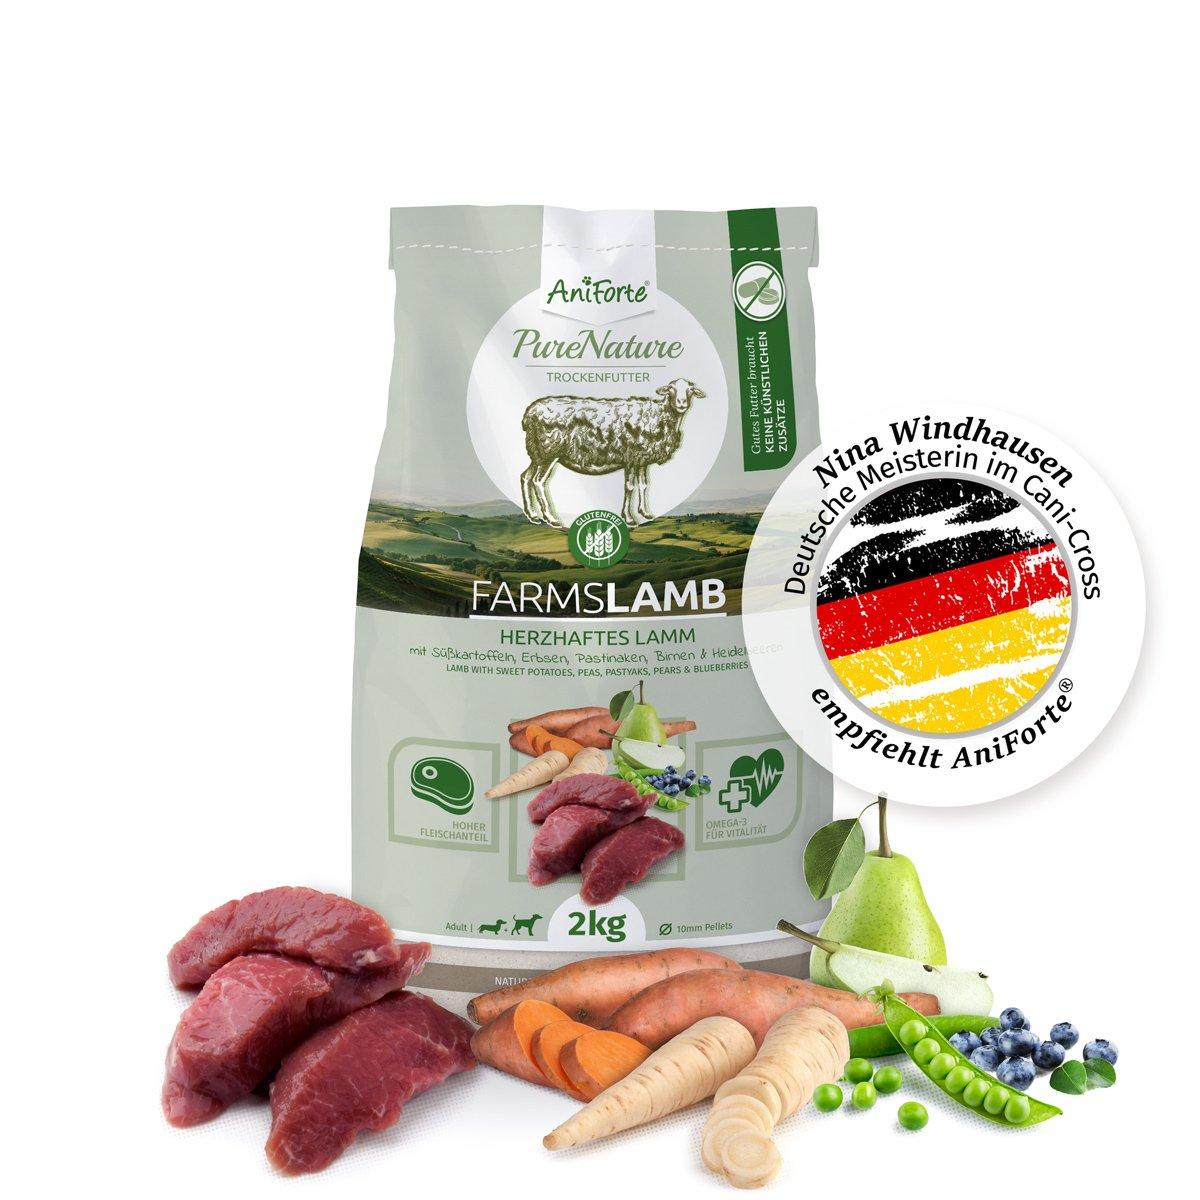 Pienso para Perros 100% Natural - Cordero con Batata | Sin Cereales, Gluten ni Productos Químicos | AniForte: Amazon.es: Productos para mascotas